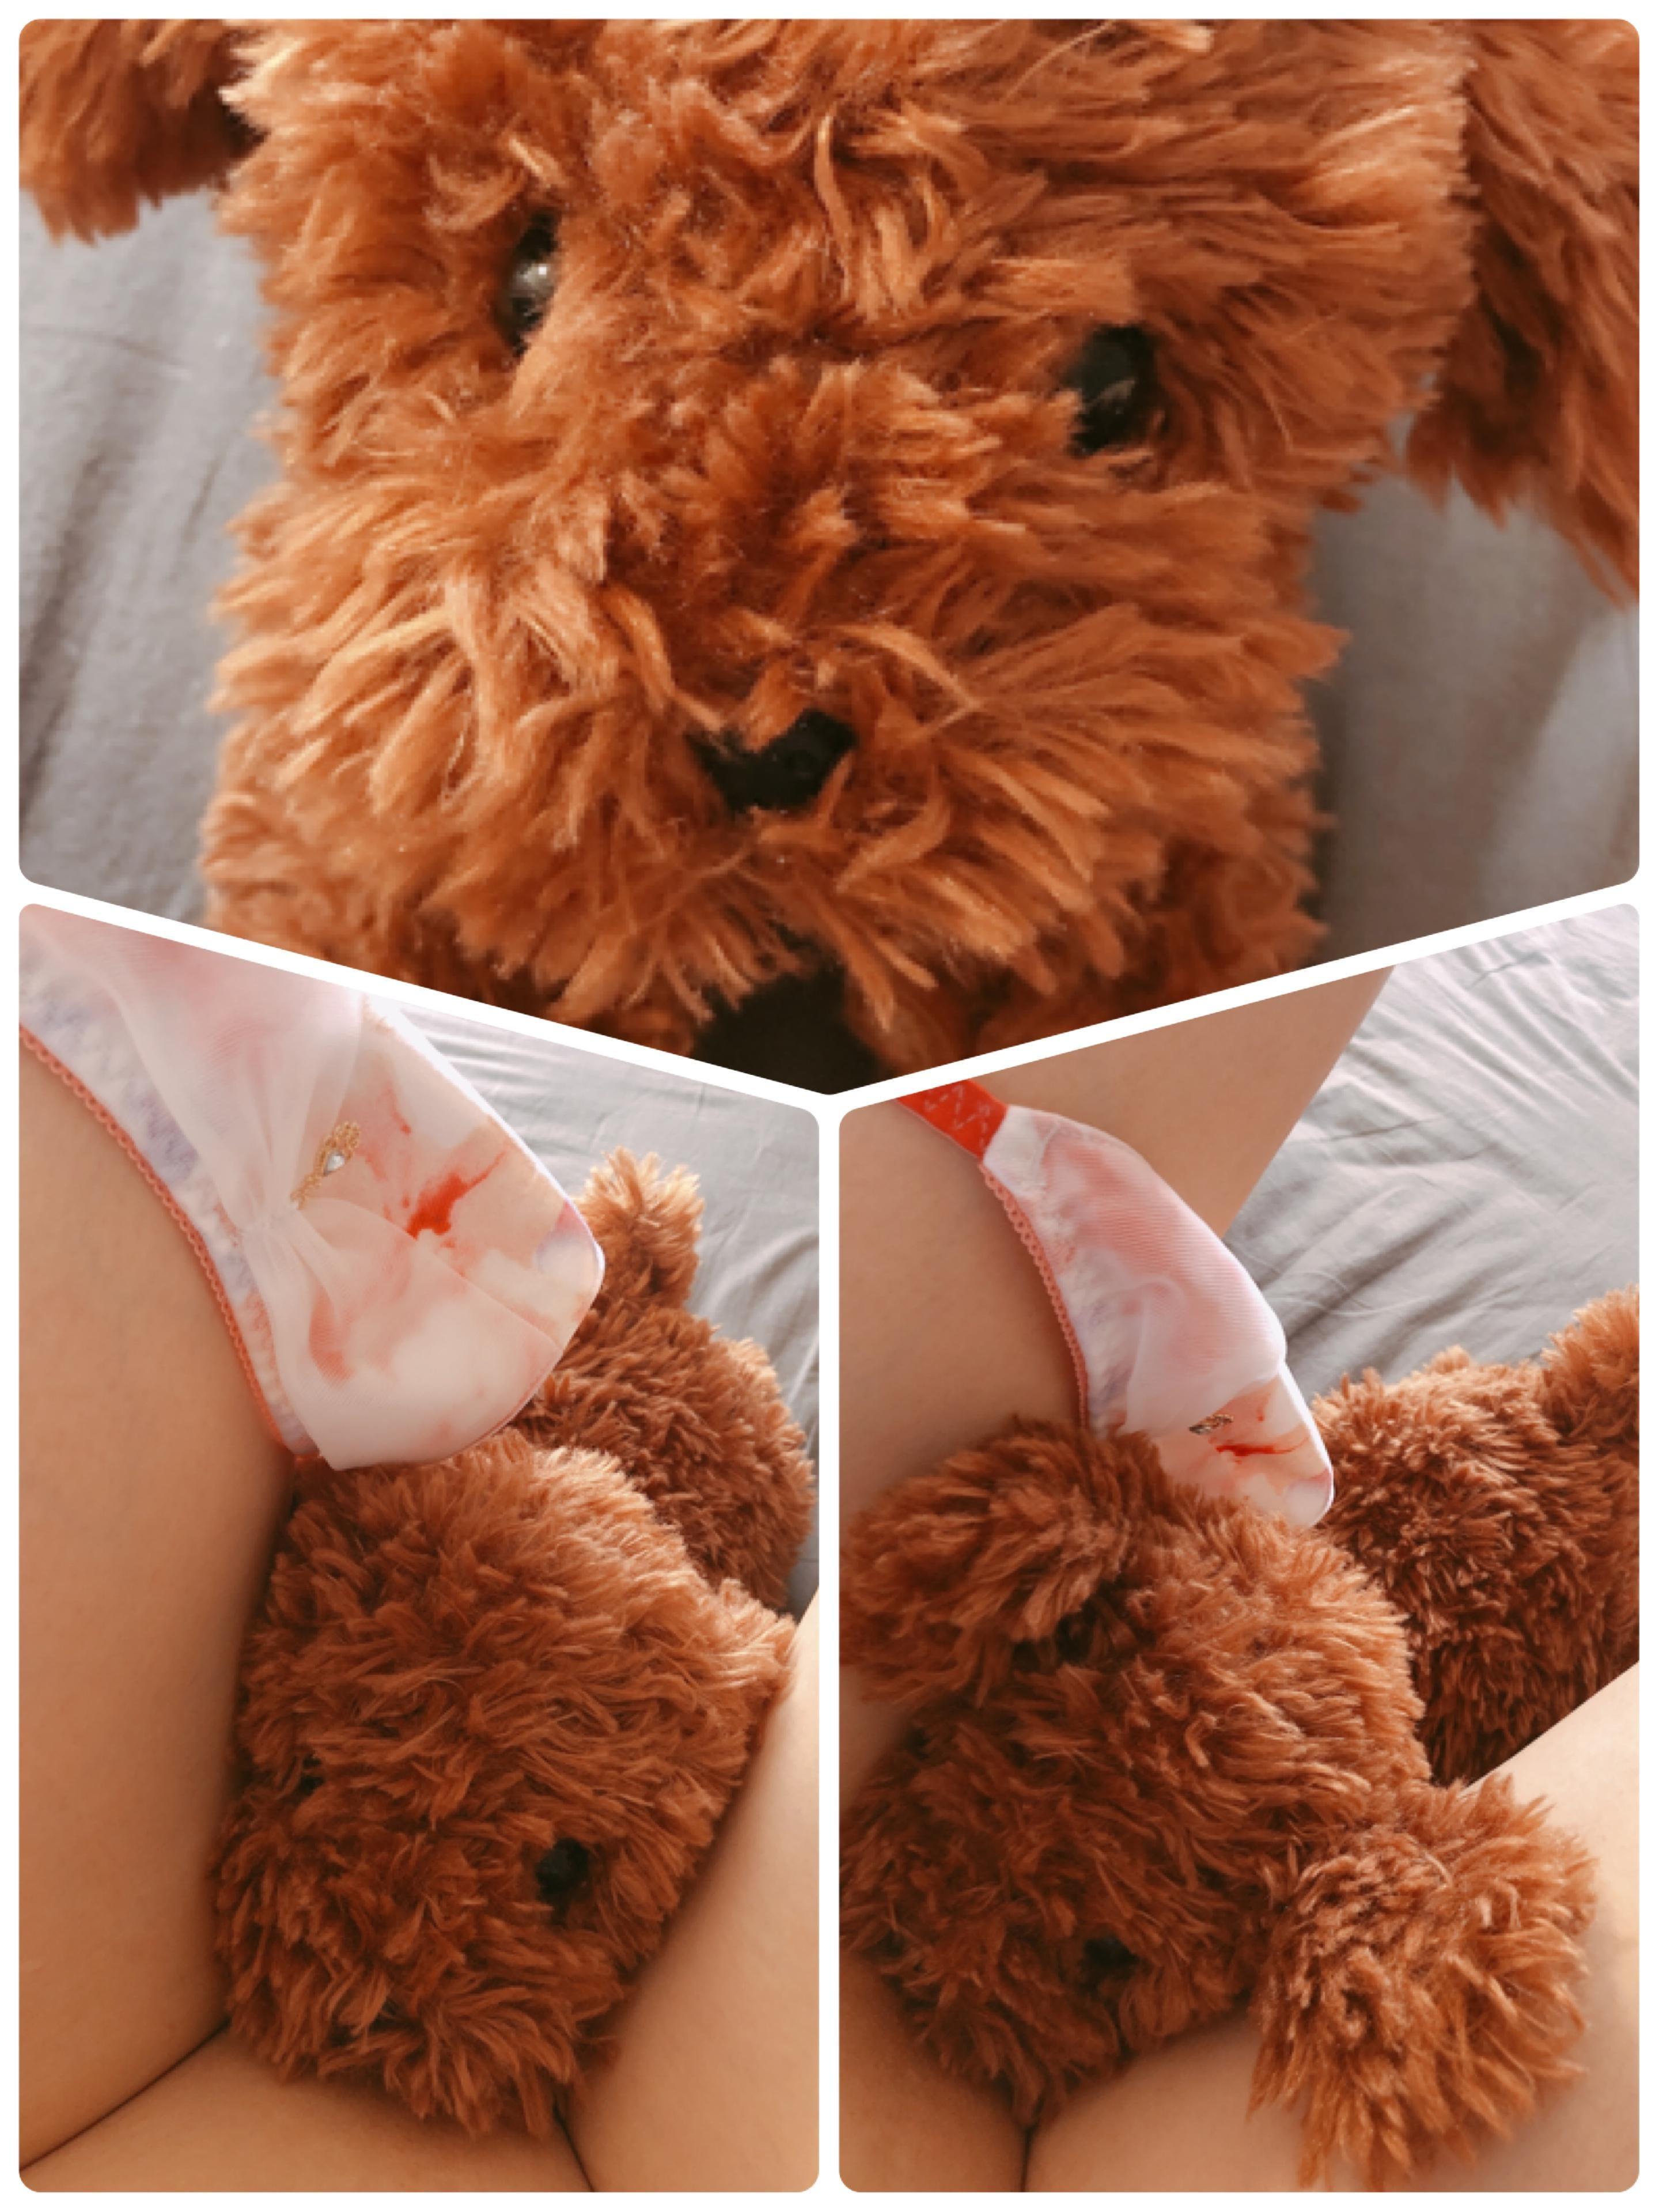 バター犬⁇と&hellip;昨日のお礼<img class=&quot;emojione&quot; alt=&quot;❤️&quot; title=&quot;:heart:&quot; src=&quot;https://fuzoku.jp/assets/img/emojione/2764.png&quot;/>